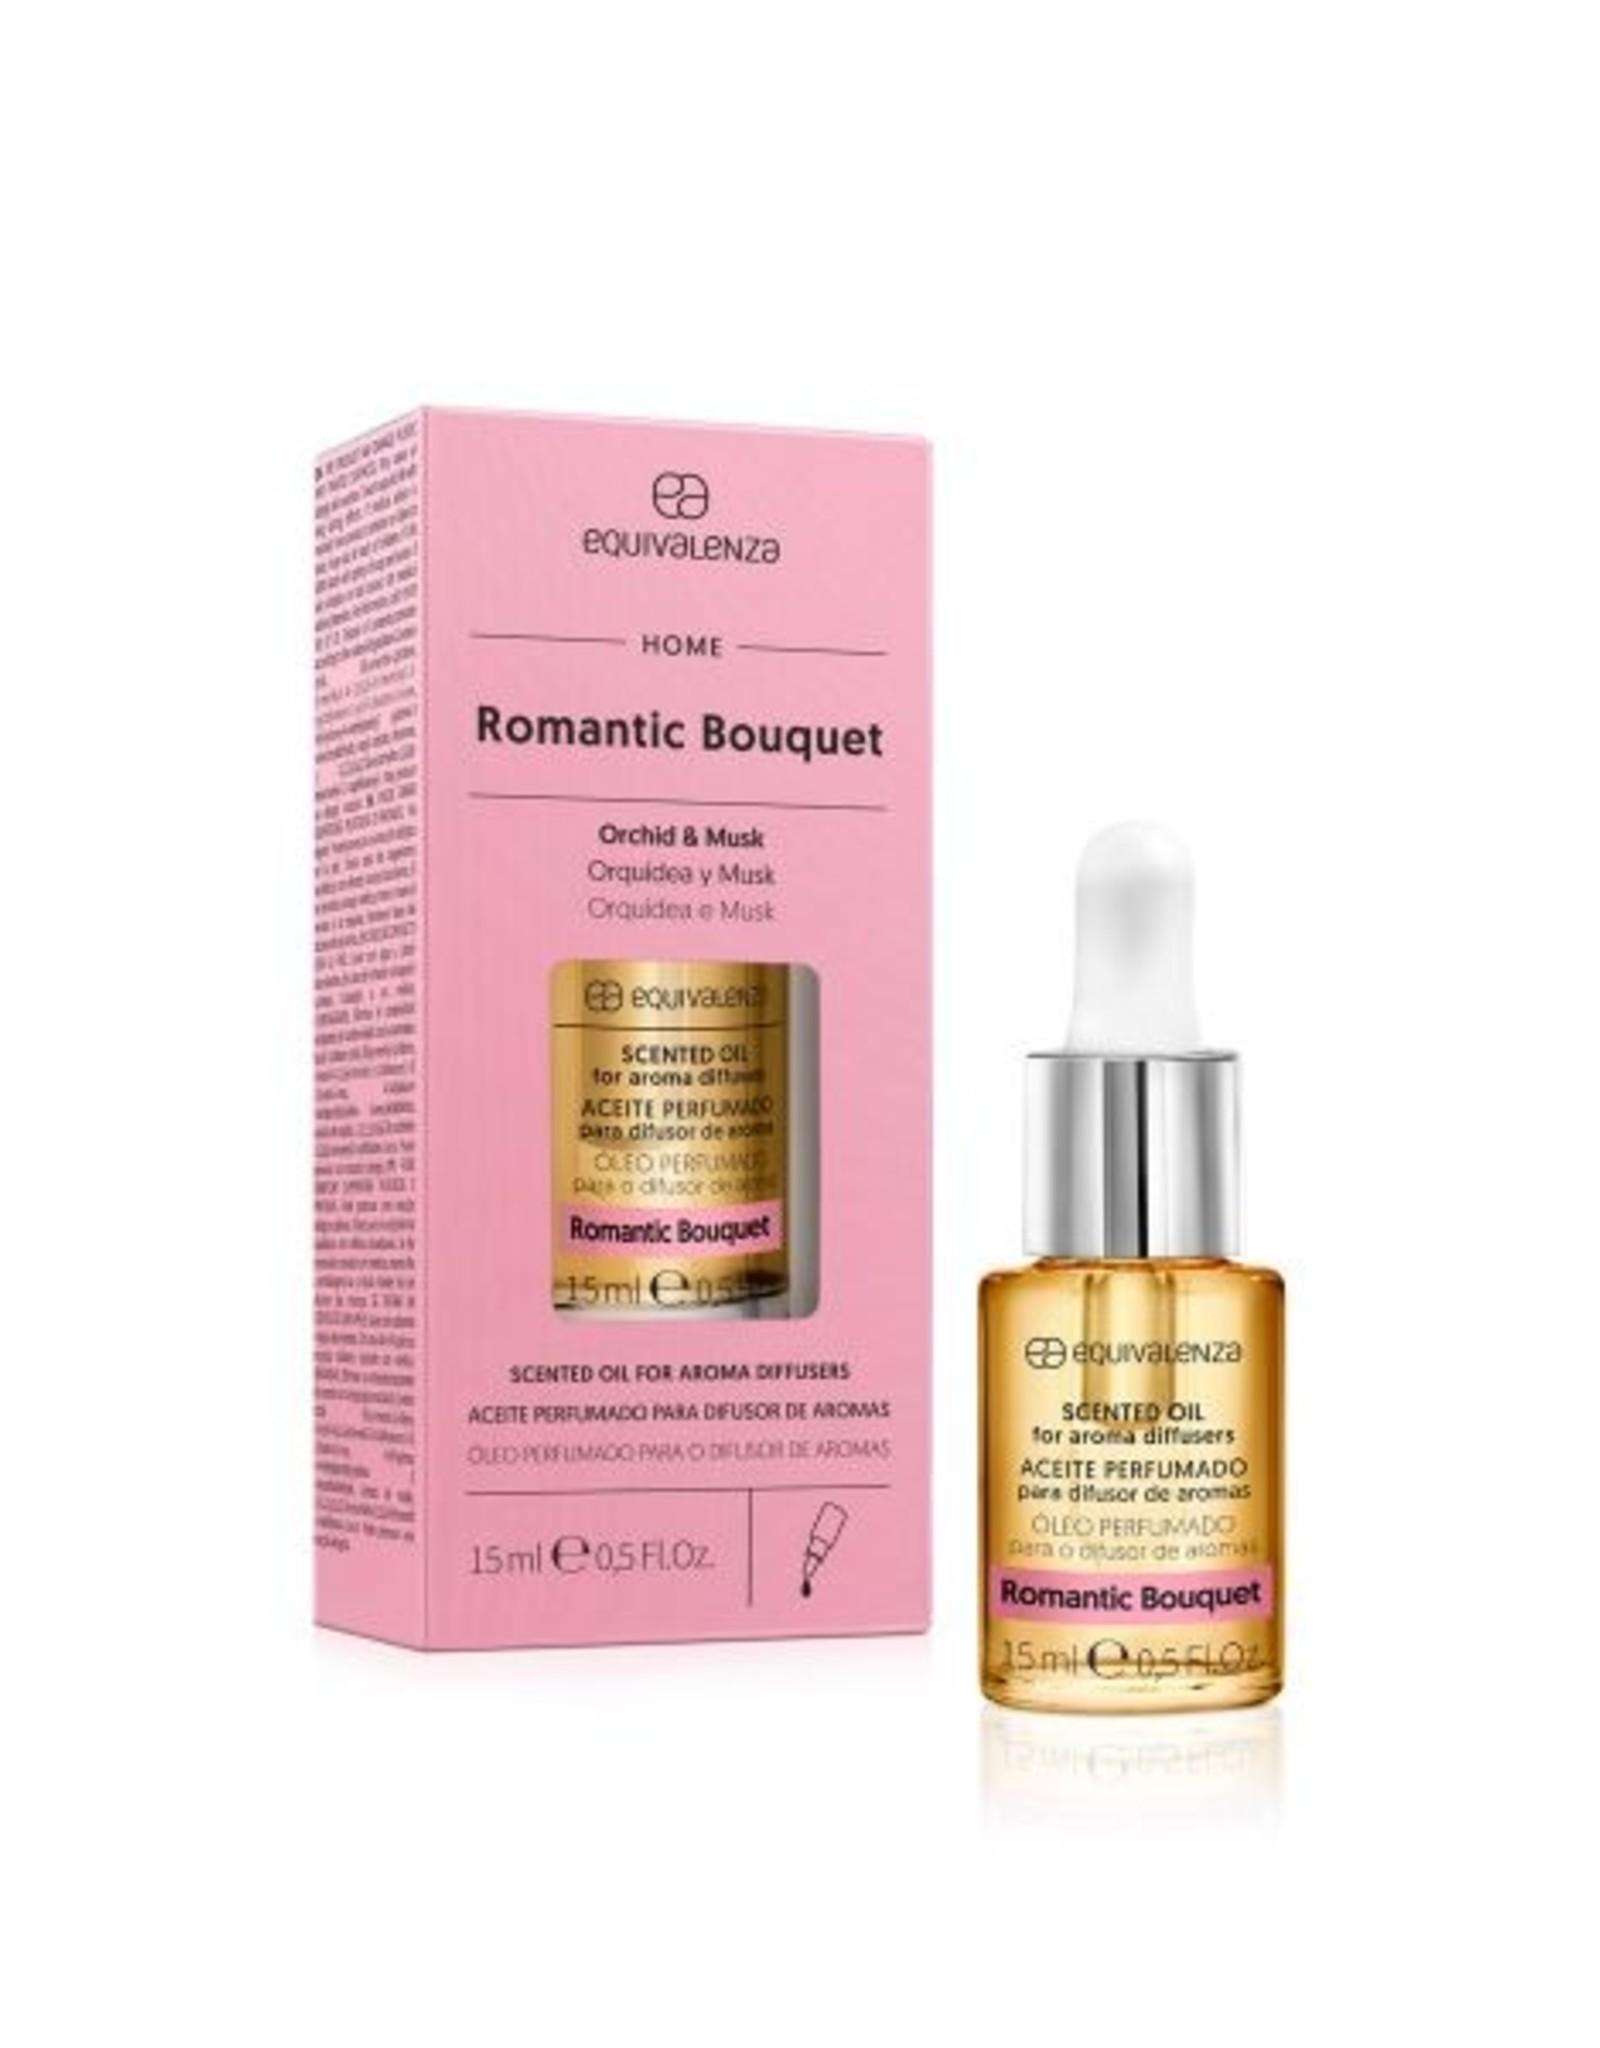 Equivalenza Huile Parfumée Hydrosoluble – Bouquet Romantique (orchidée et musc)